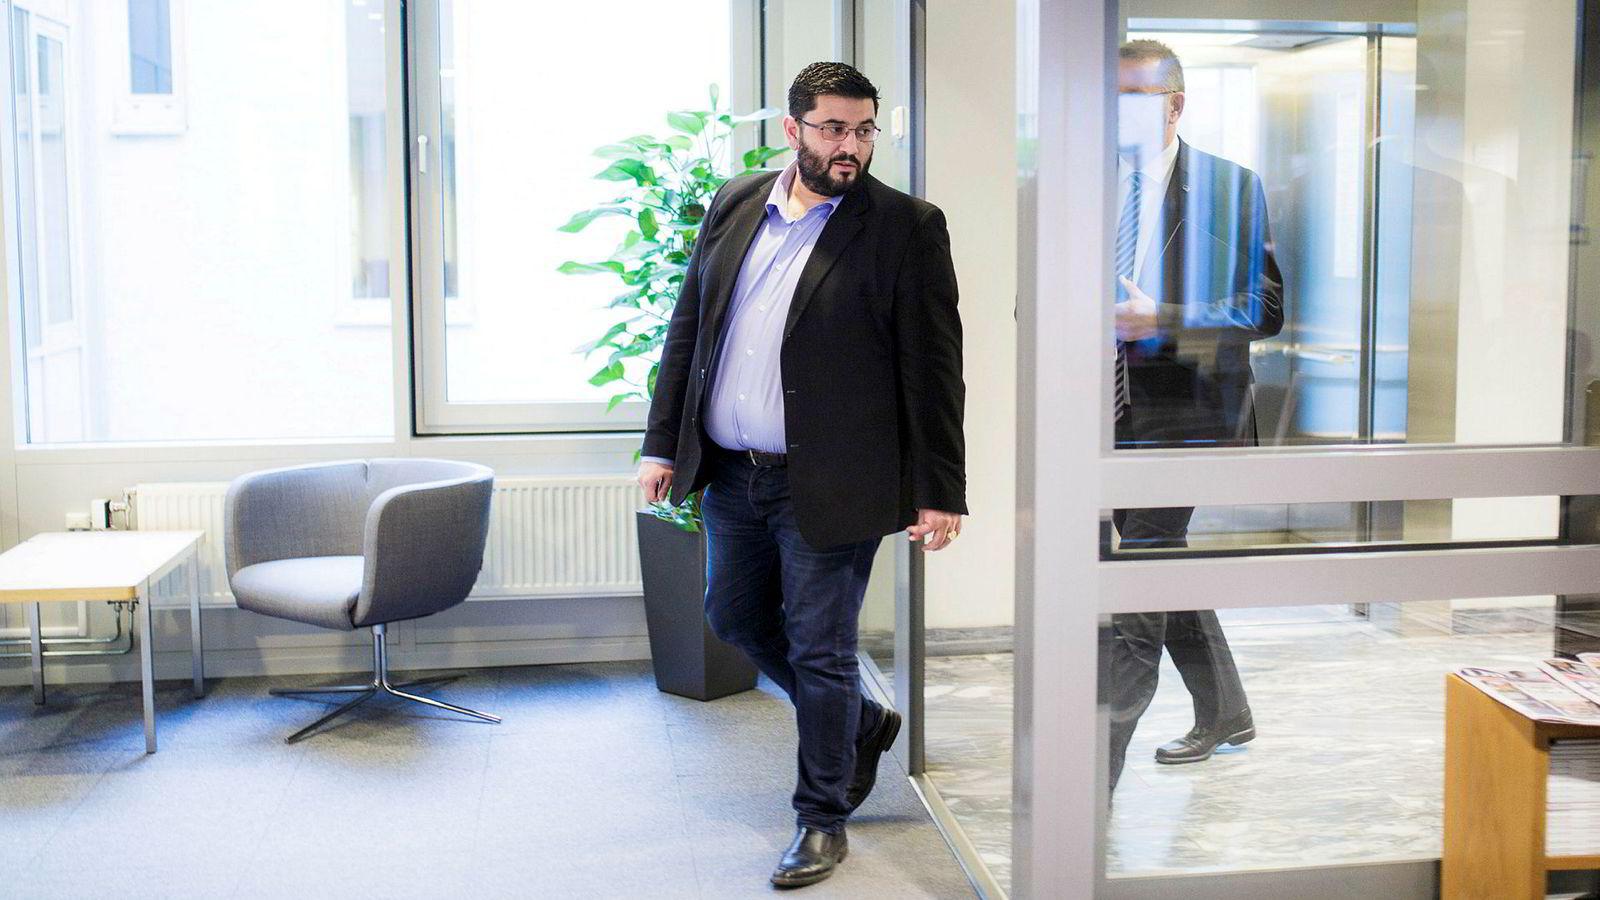 Mazyar Keshvari har nå betalt tilbake Stortinget, ifølge dokumenter DN har fått innsyn i.